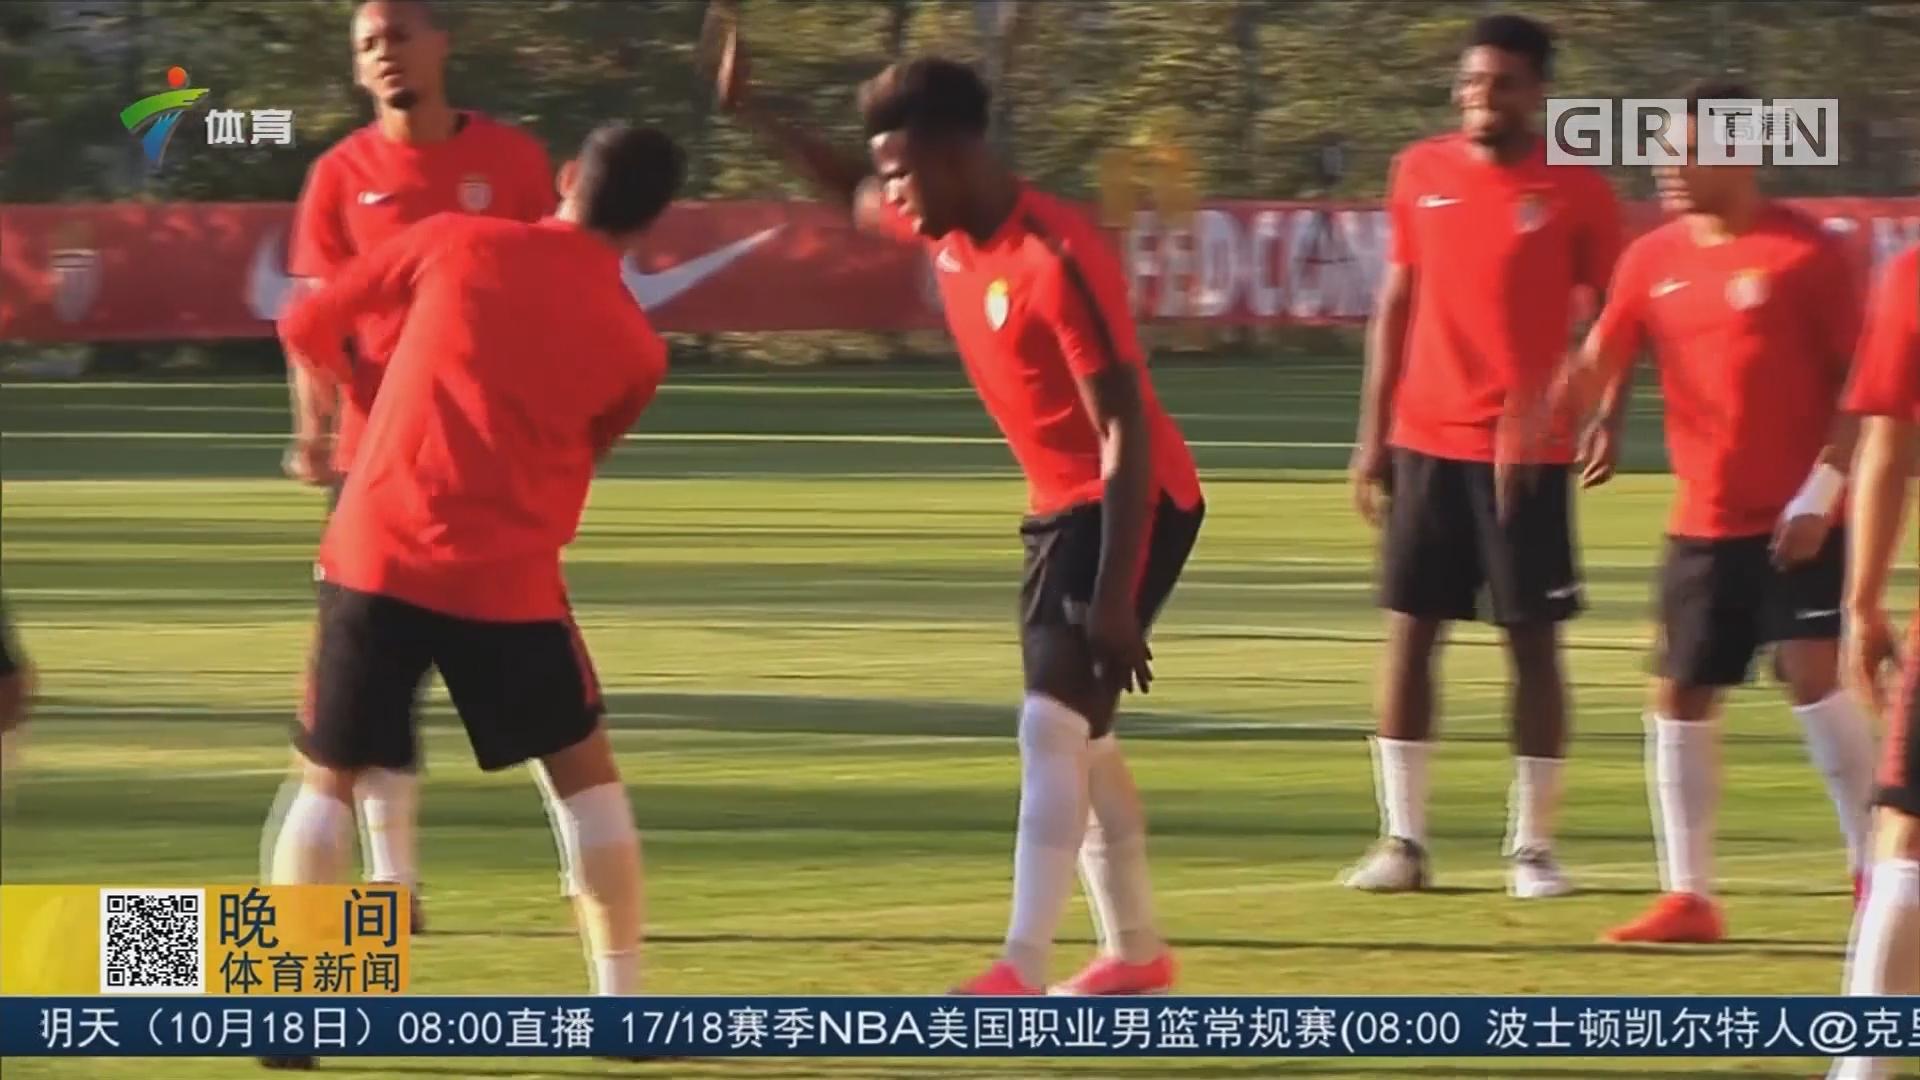 主场迎战土耳其劲旅 摩纳哥望取本赛季欧冠首胜